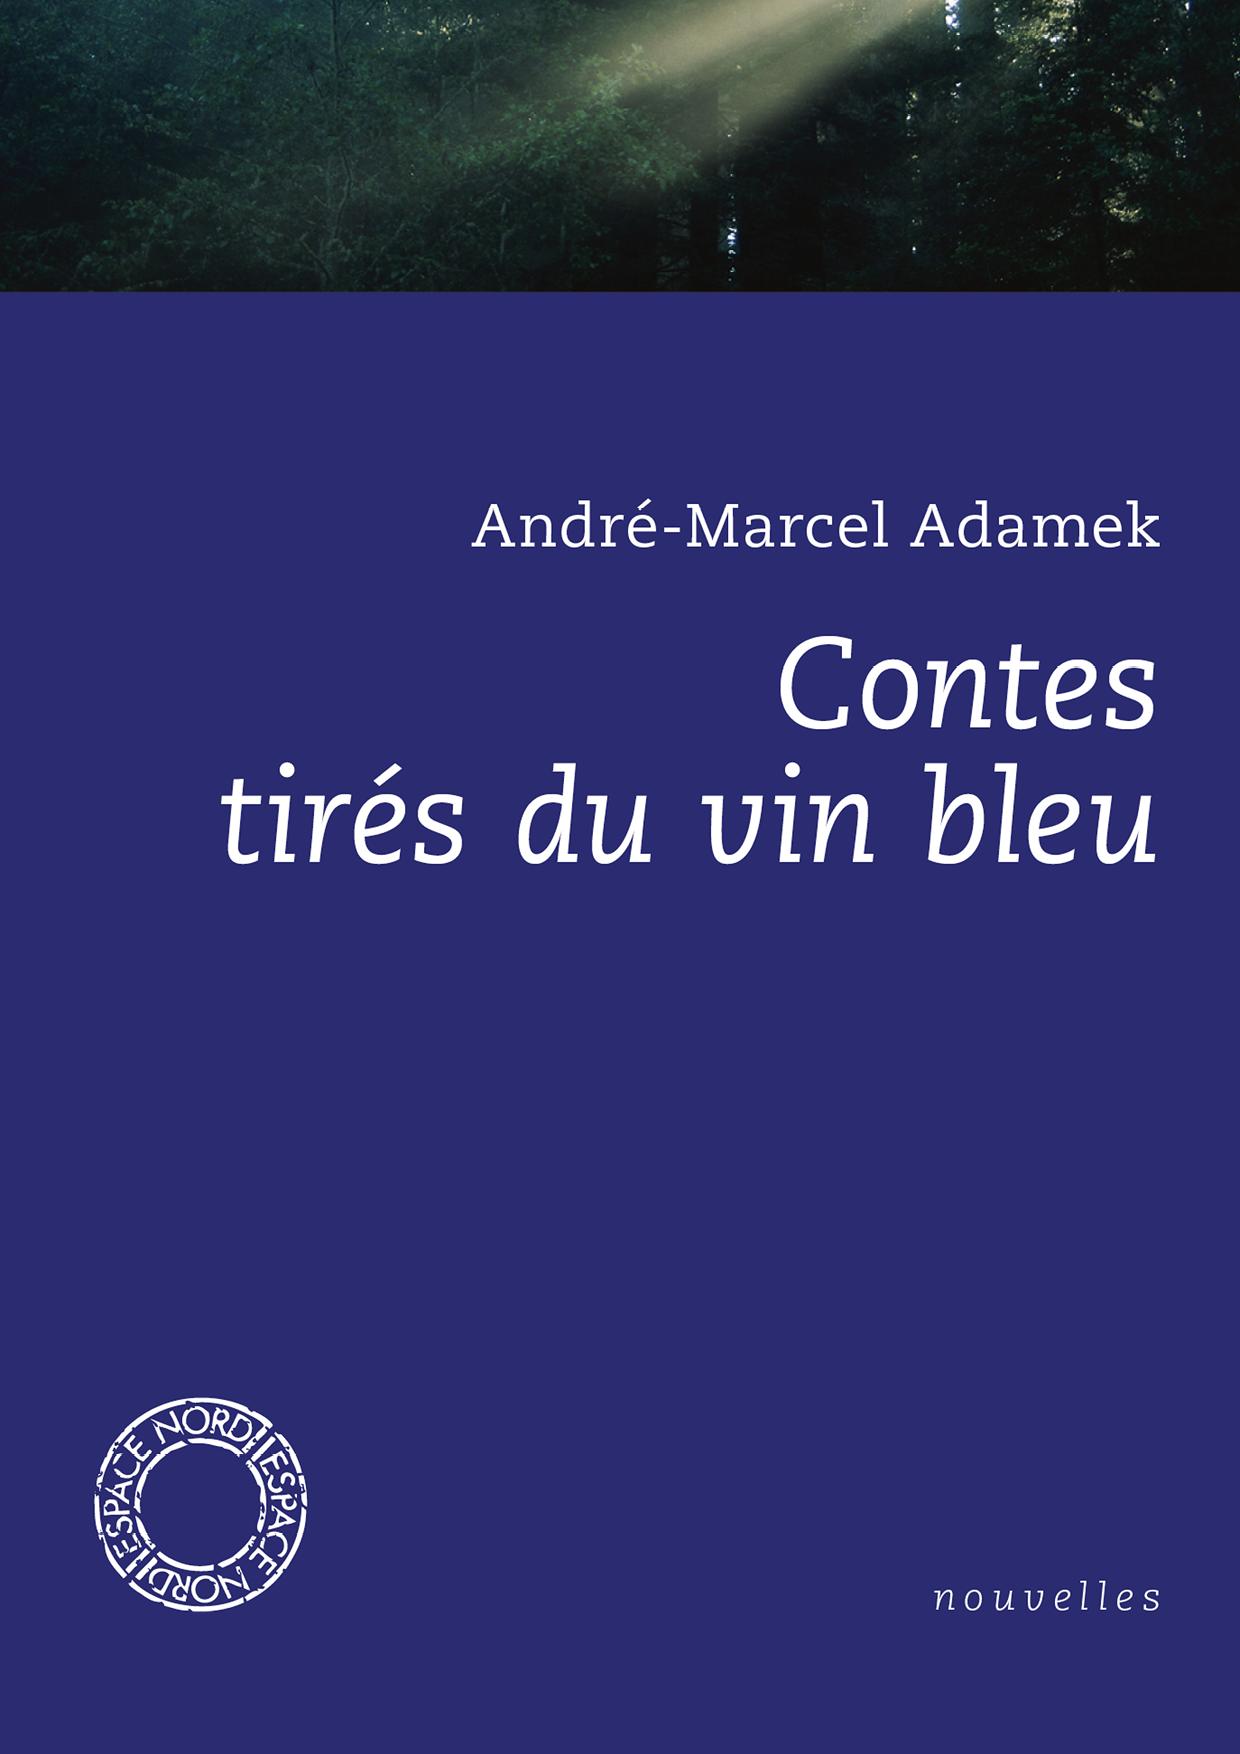 Contes tirés du vin bleu